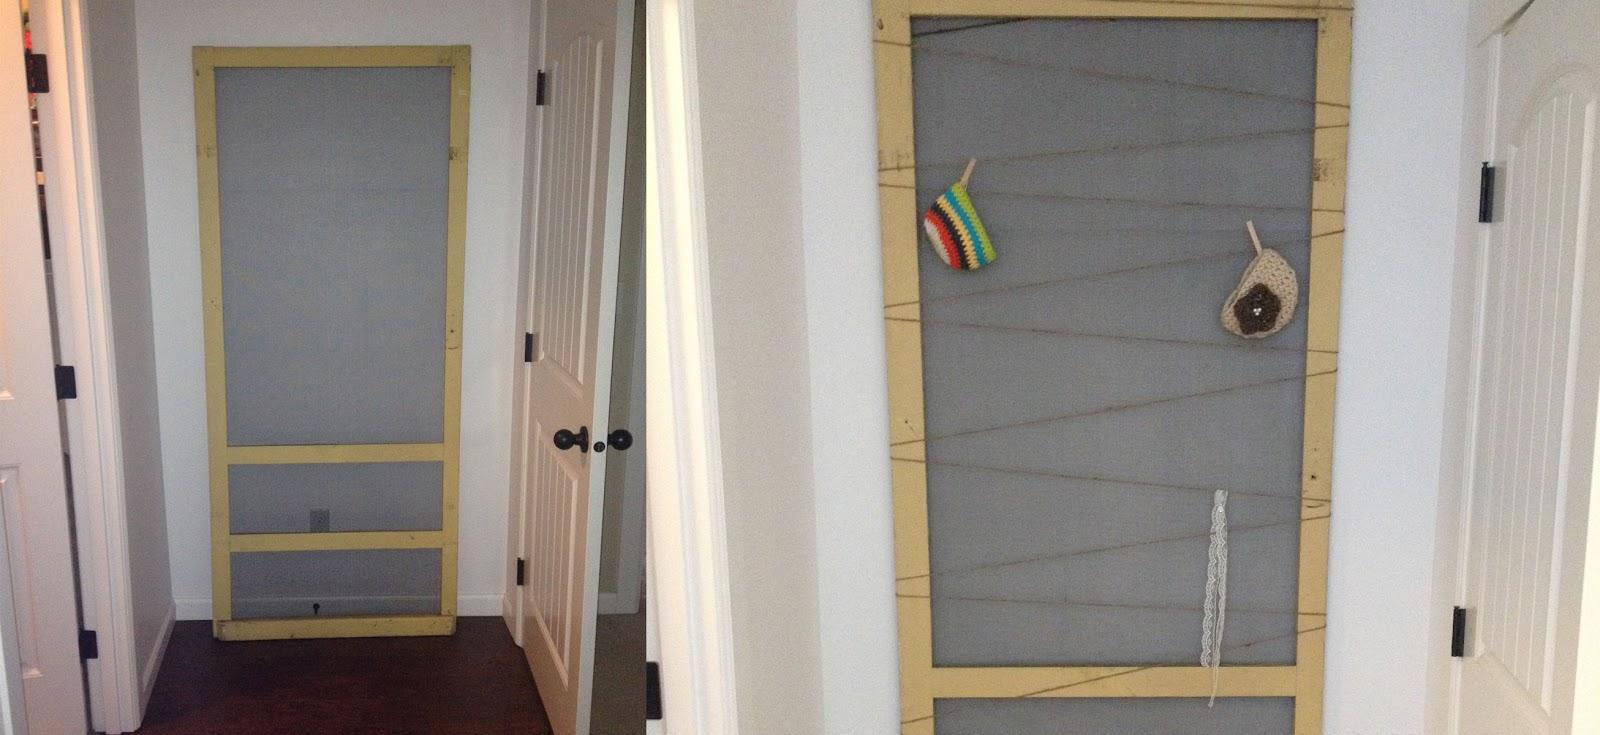 DIY Photo Prop Storage - Screen door and twine